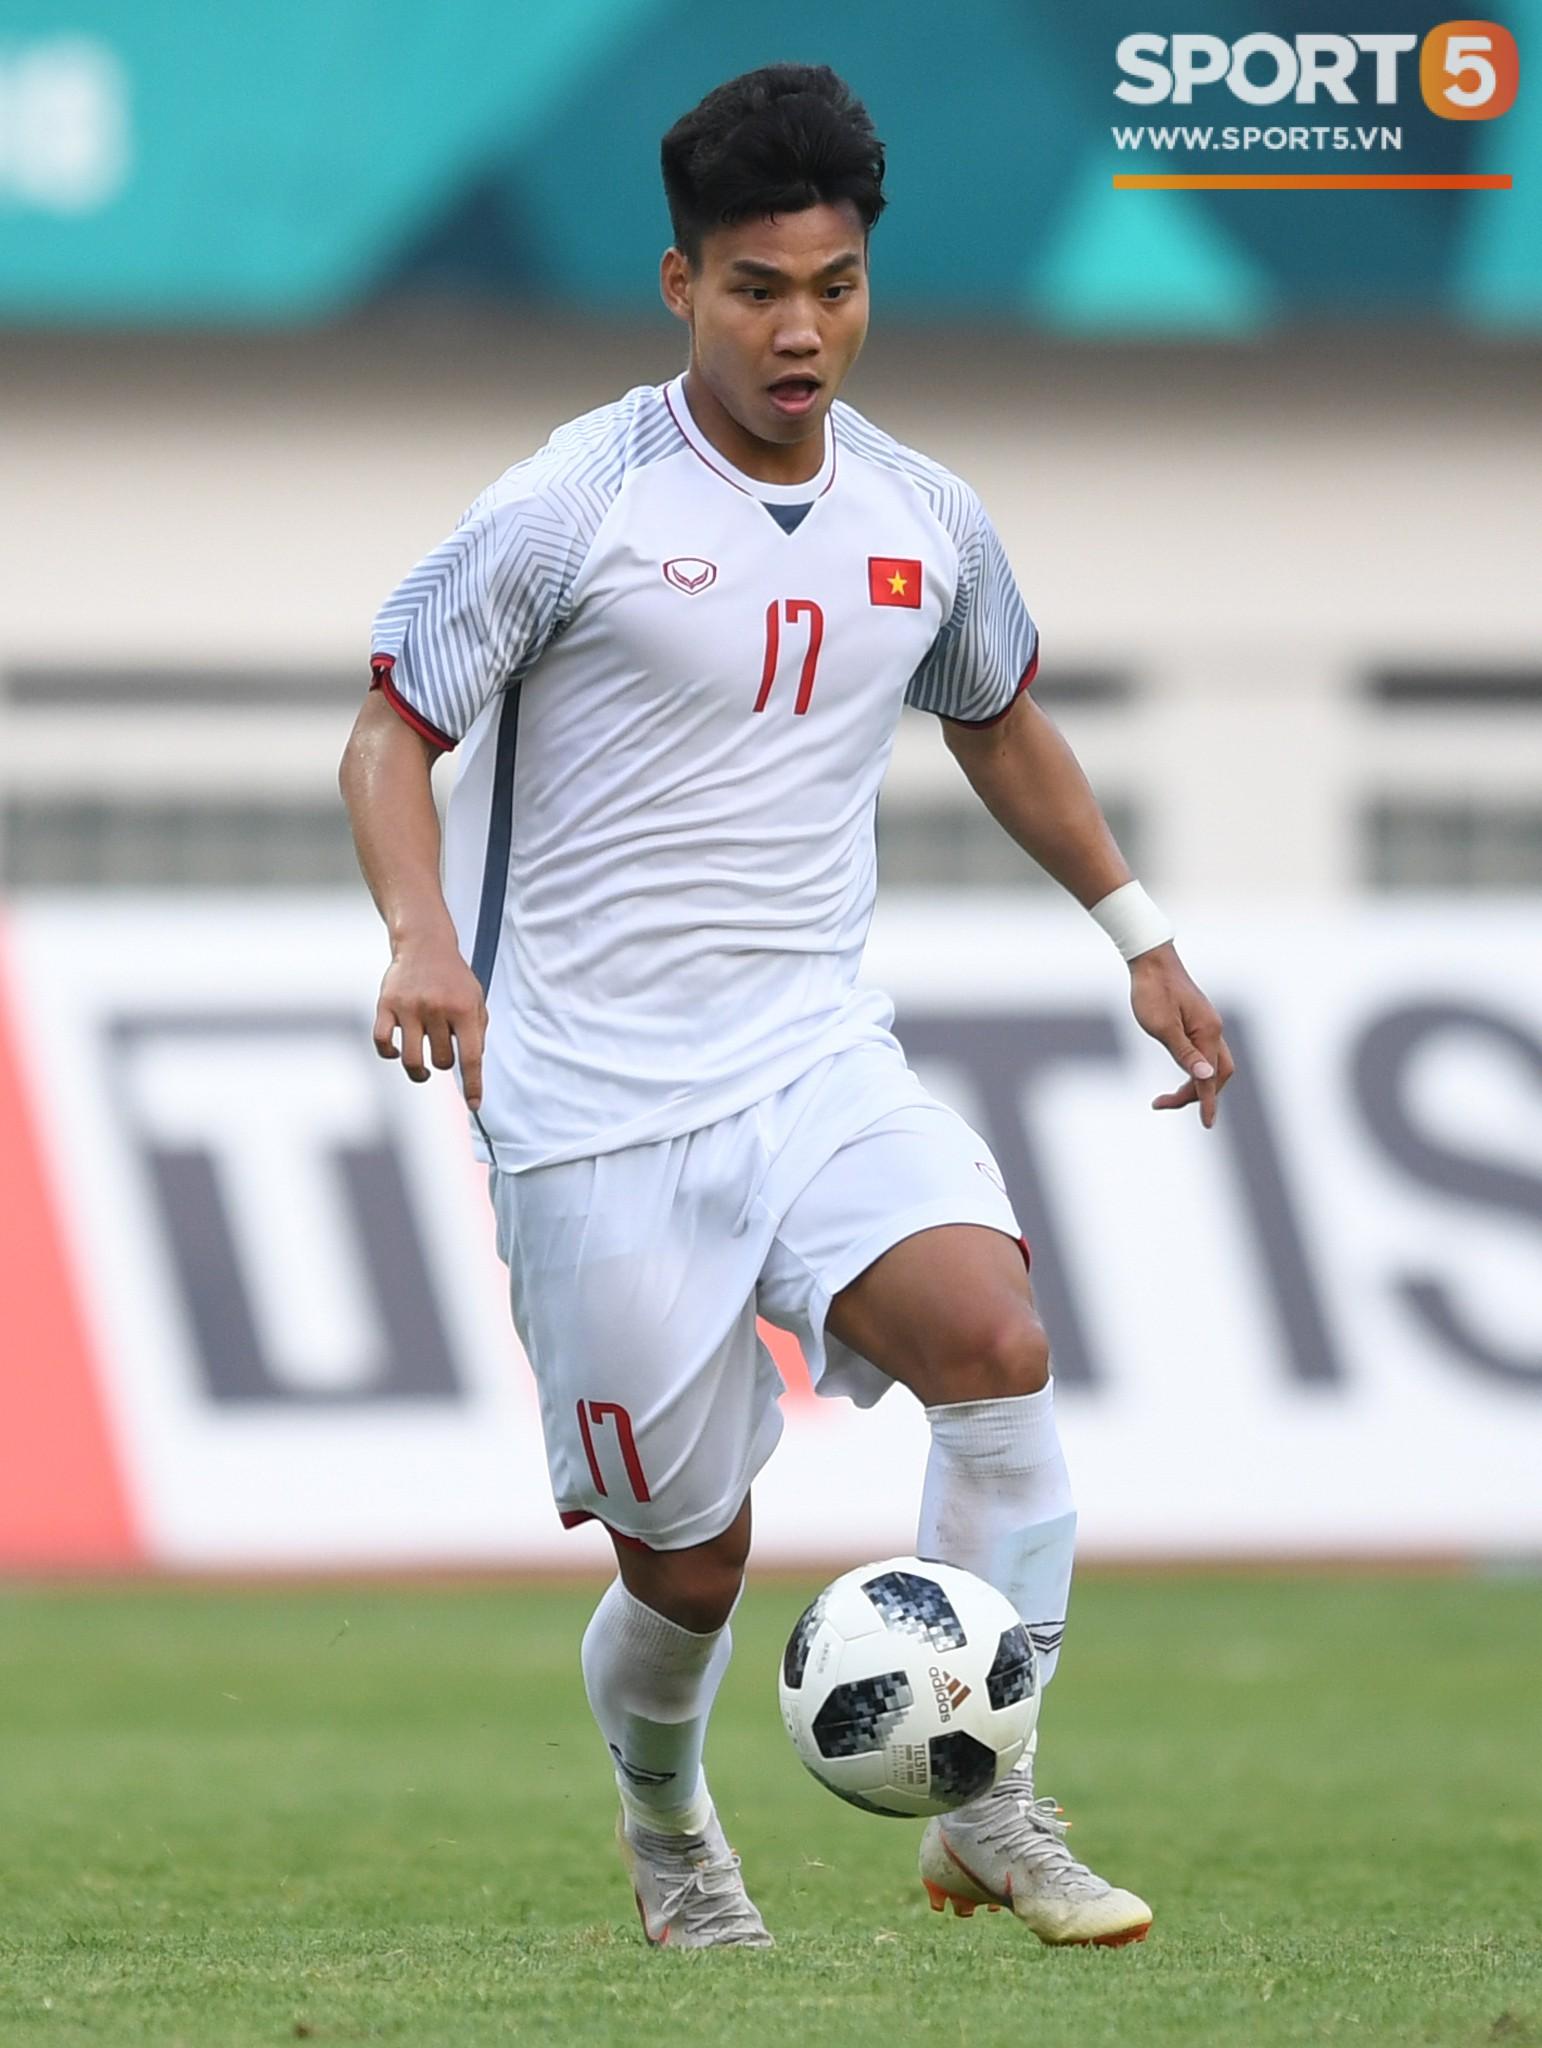 Văn Thanh là một cầu thủ đa năng và rất quan trọng trong chiến thuật của HLV Park Hang-seo. Ảnh: Tiến Tuấn